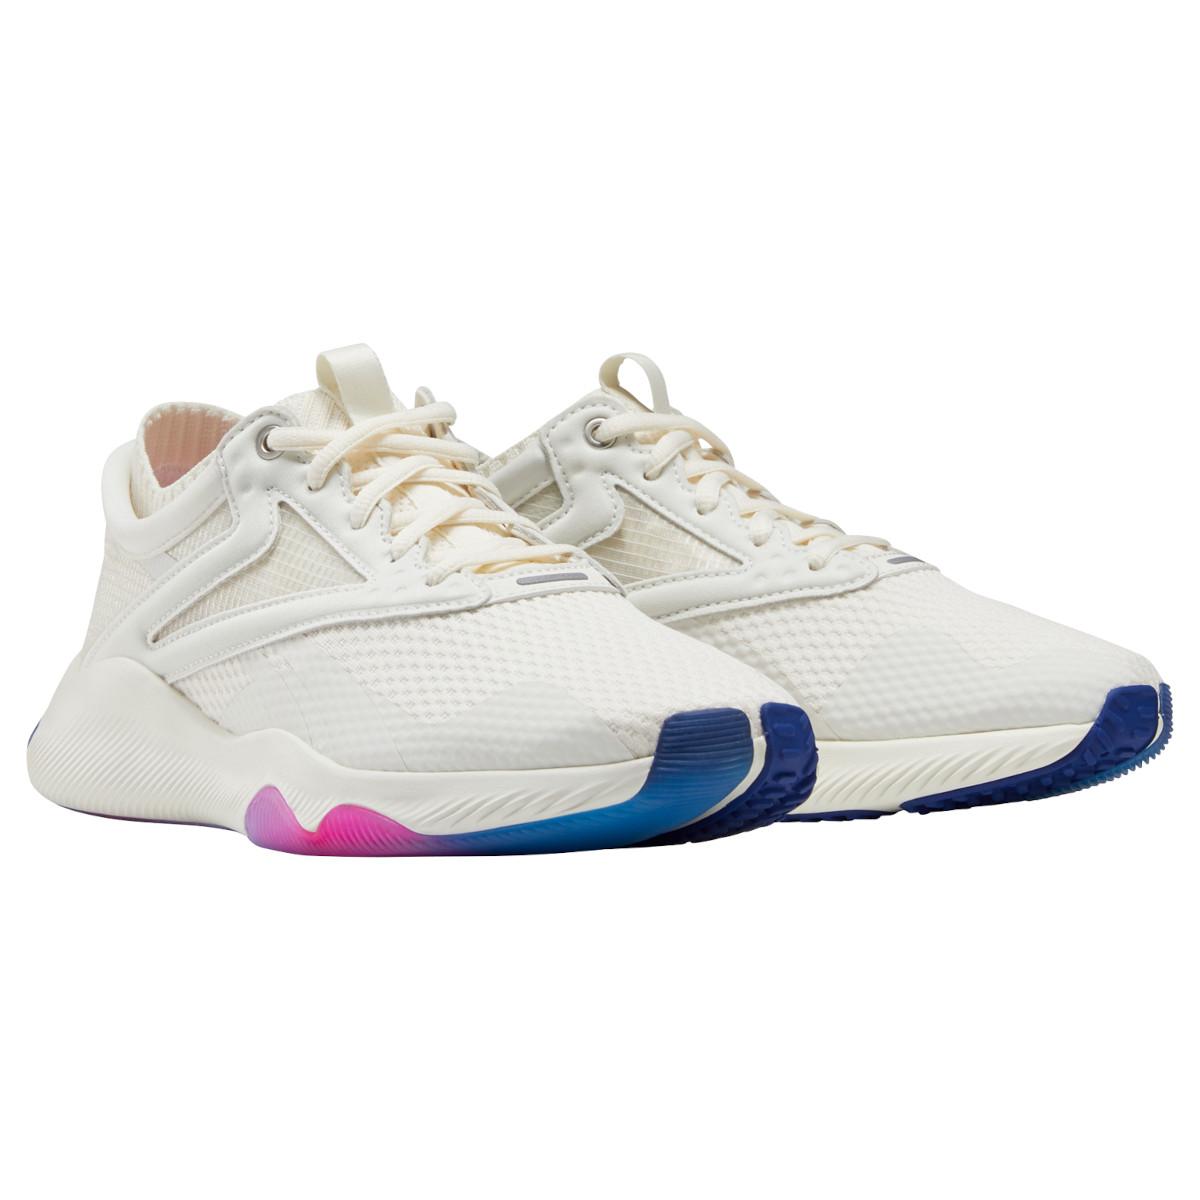 Reebok HIIT Zapatillas de entrenamiento para mujer - chalk/alabaster/proud pink FV6635